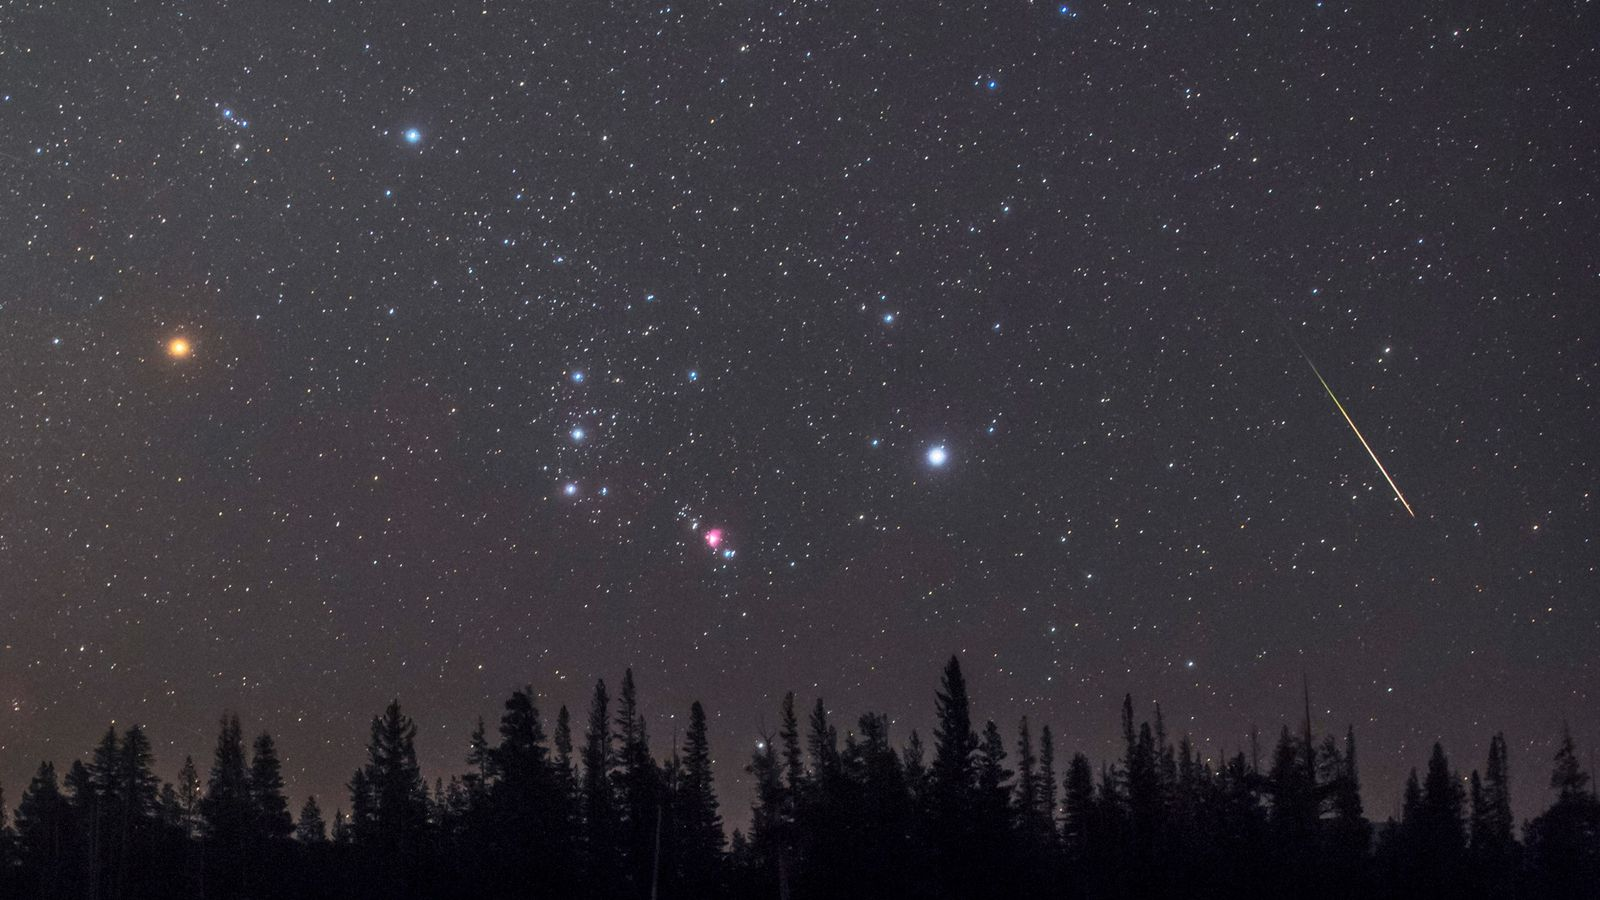 Sternbild Orion & Beteigeuze